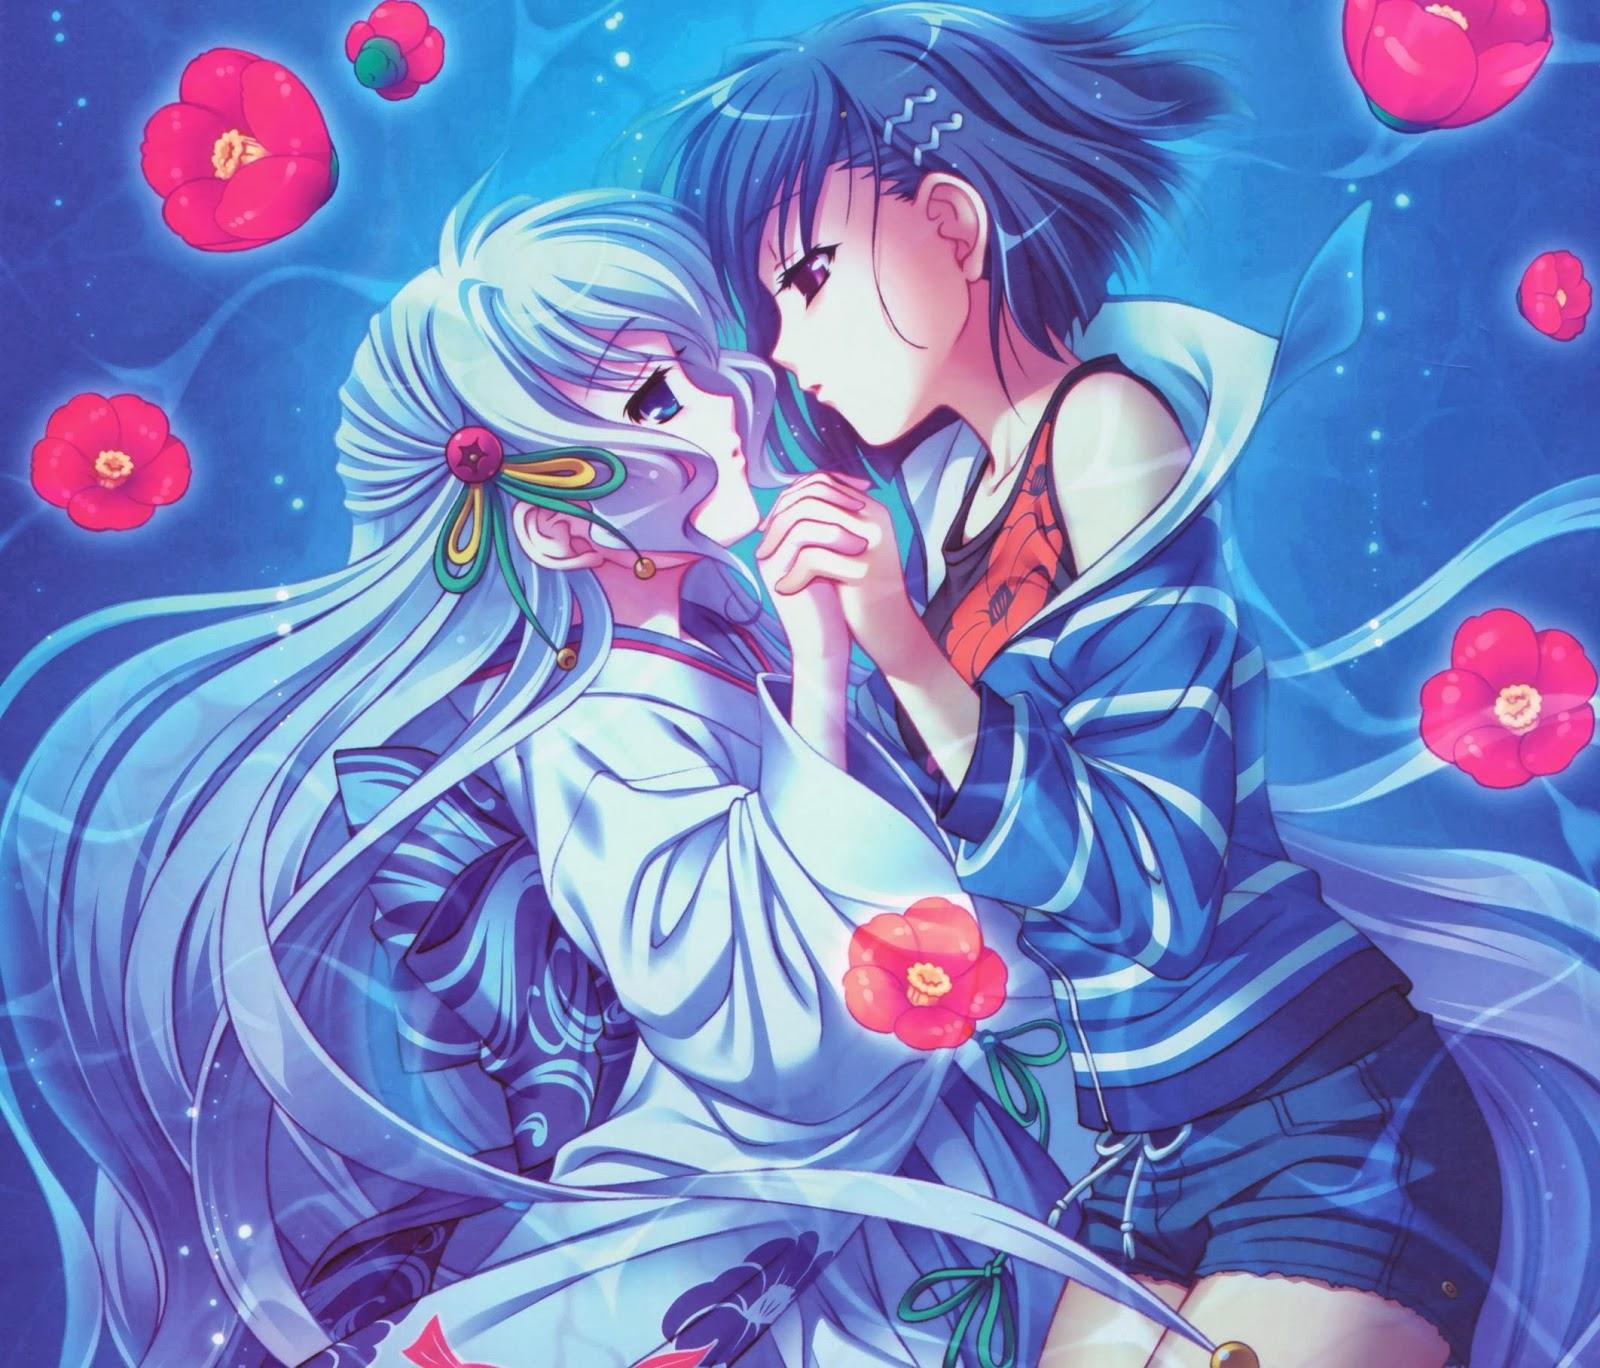 2 girl kiss